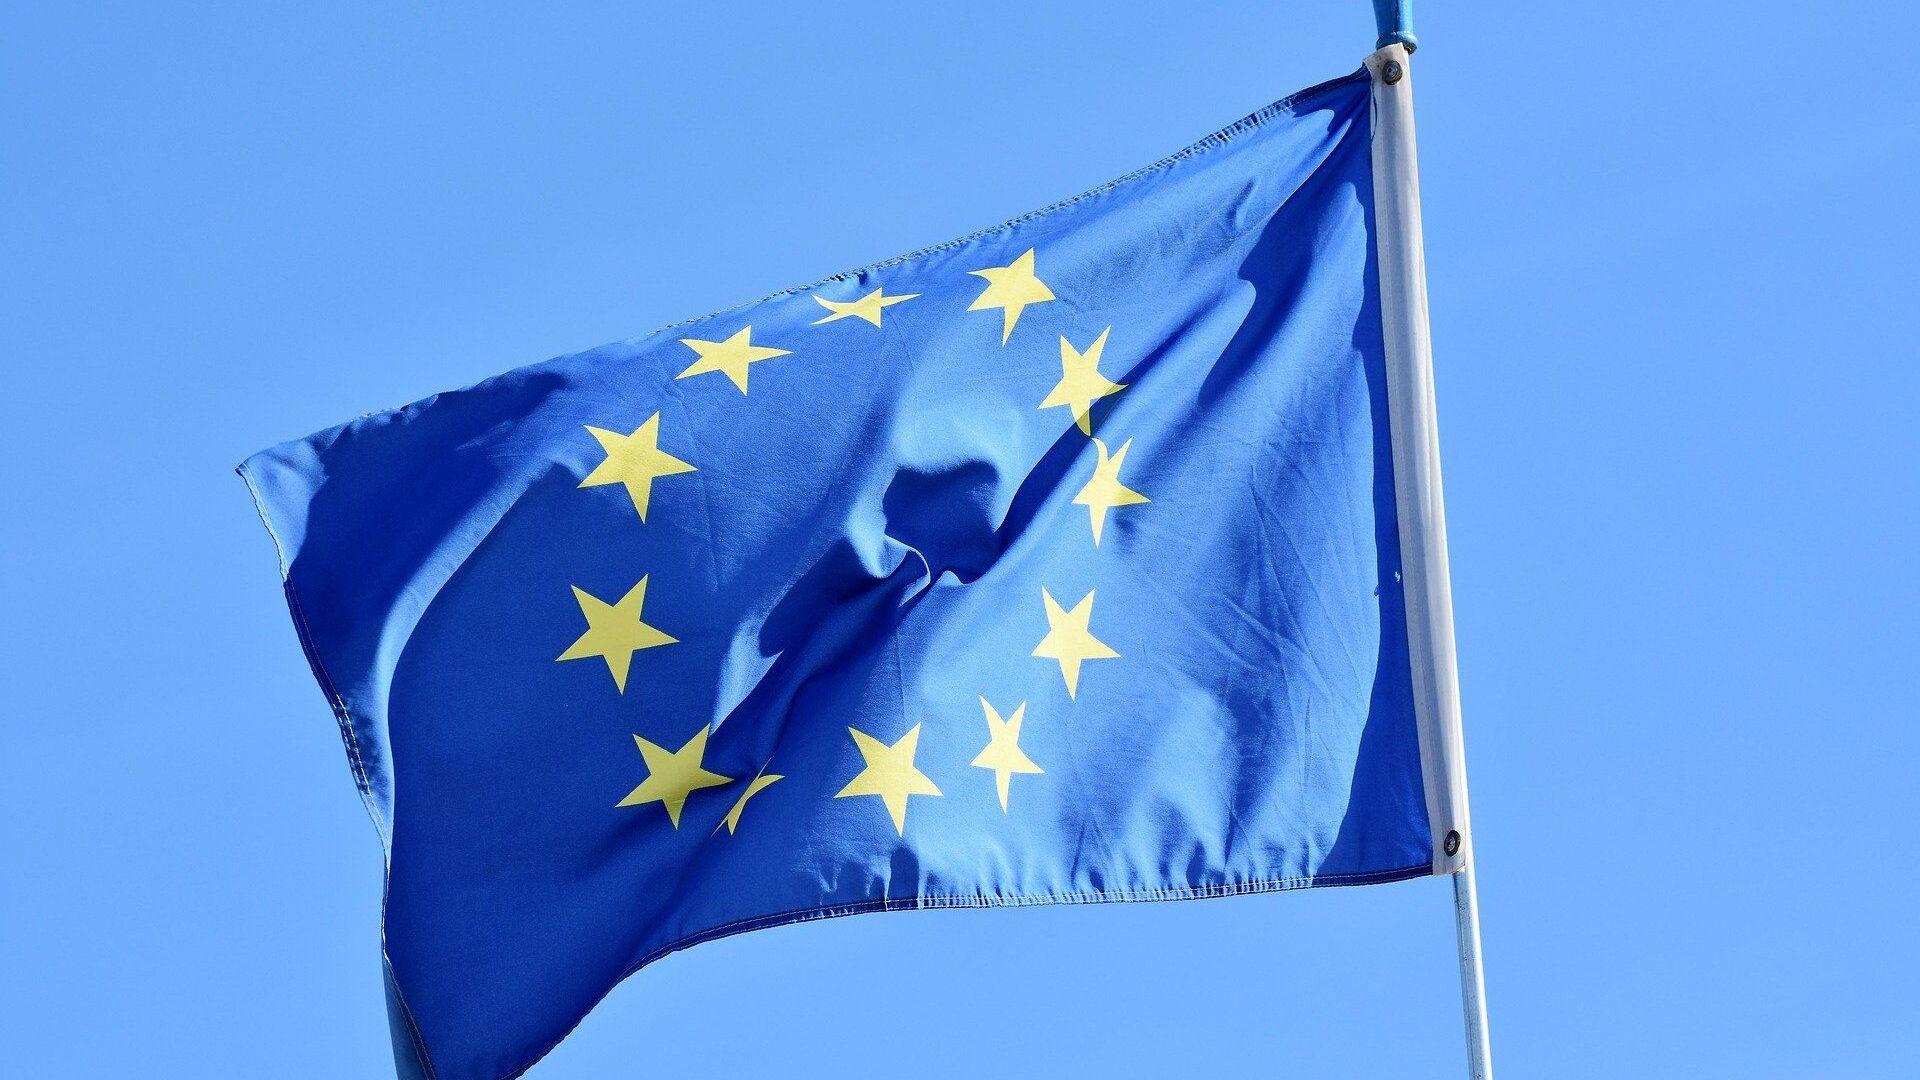 La bandera de la UE (imagen referencial) - Sputnik Mundo, 1920, 11.02.2021